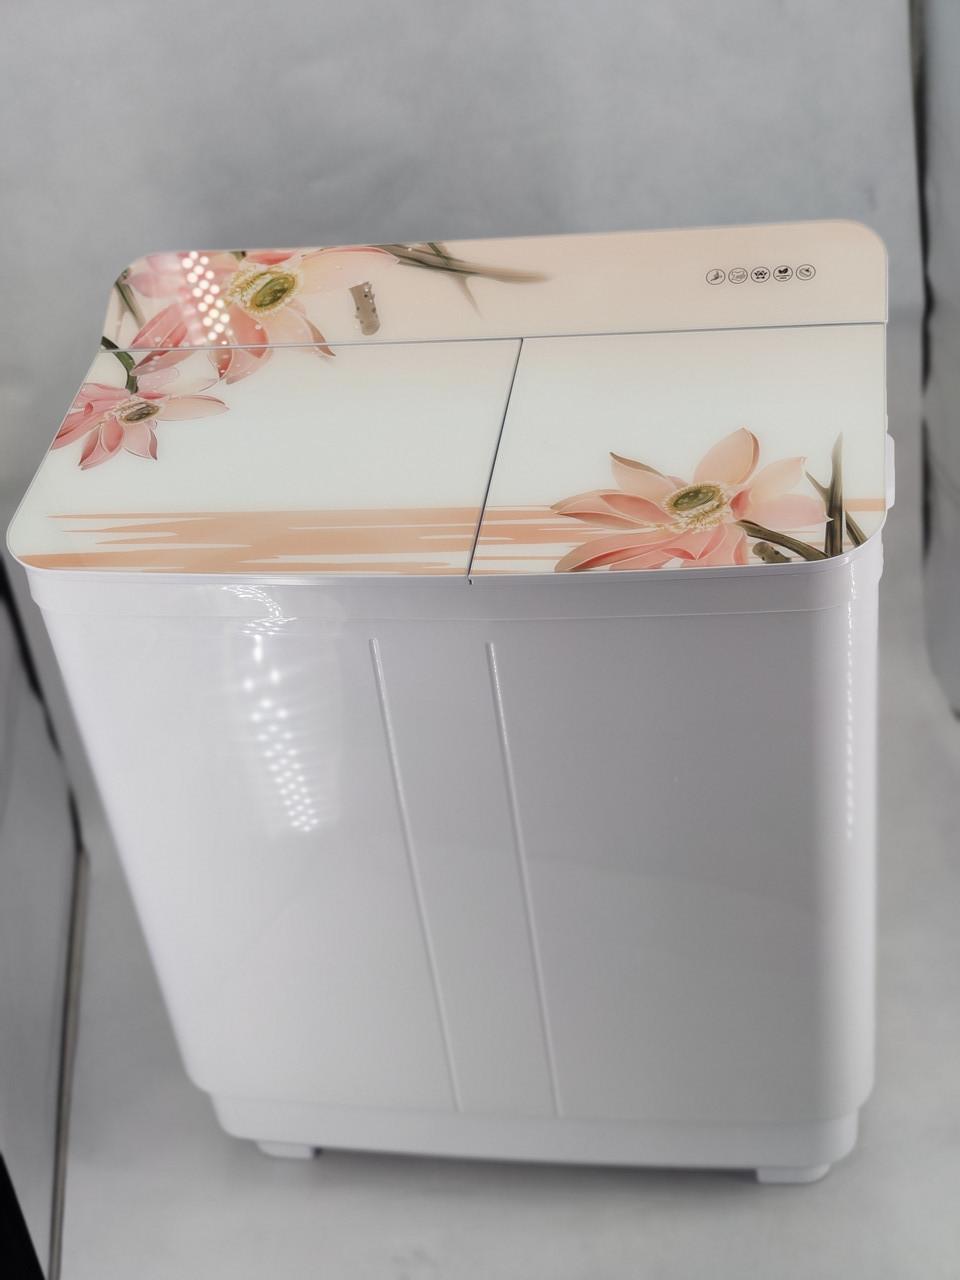 Стиральная машина ORION OWM 90-2020 9.0кг стекло